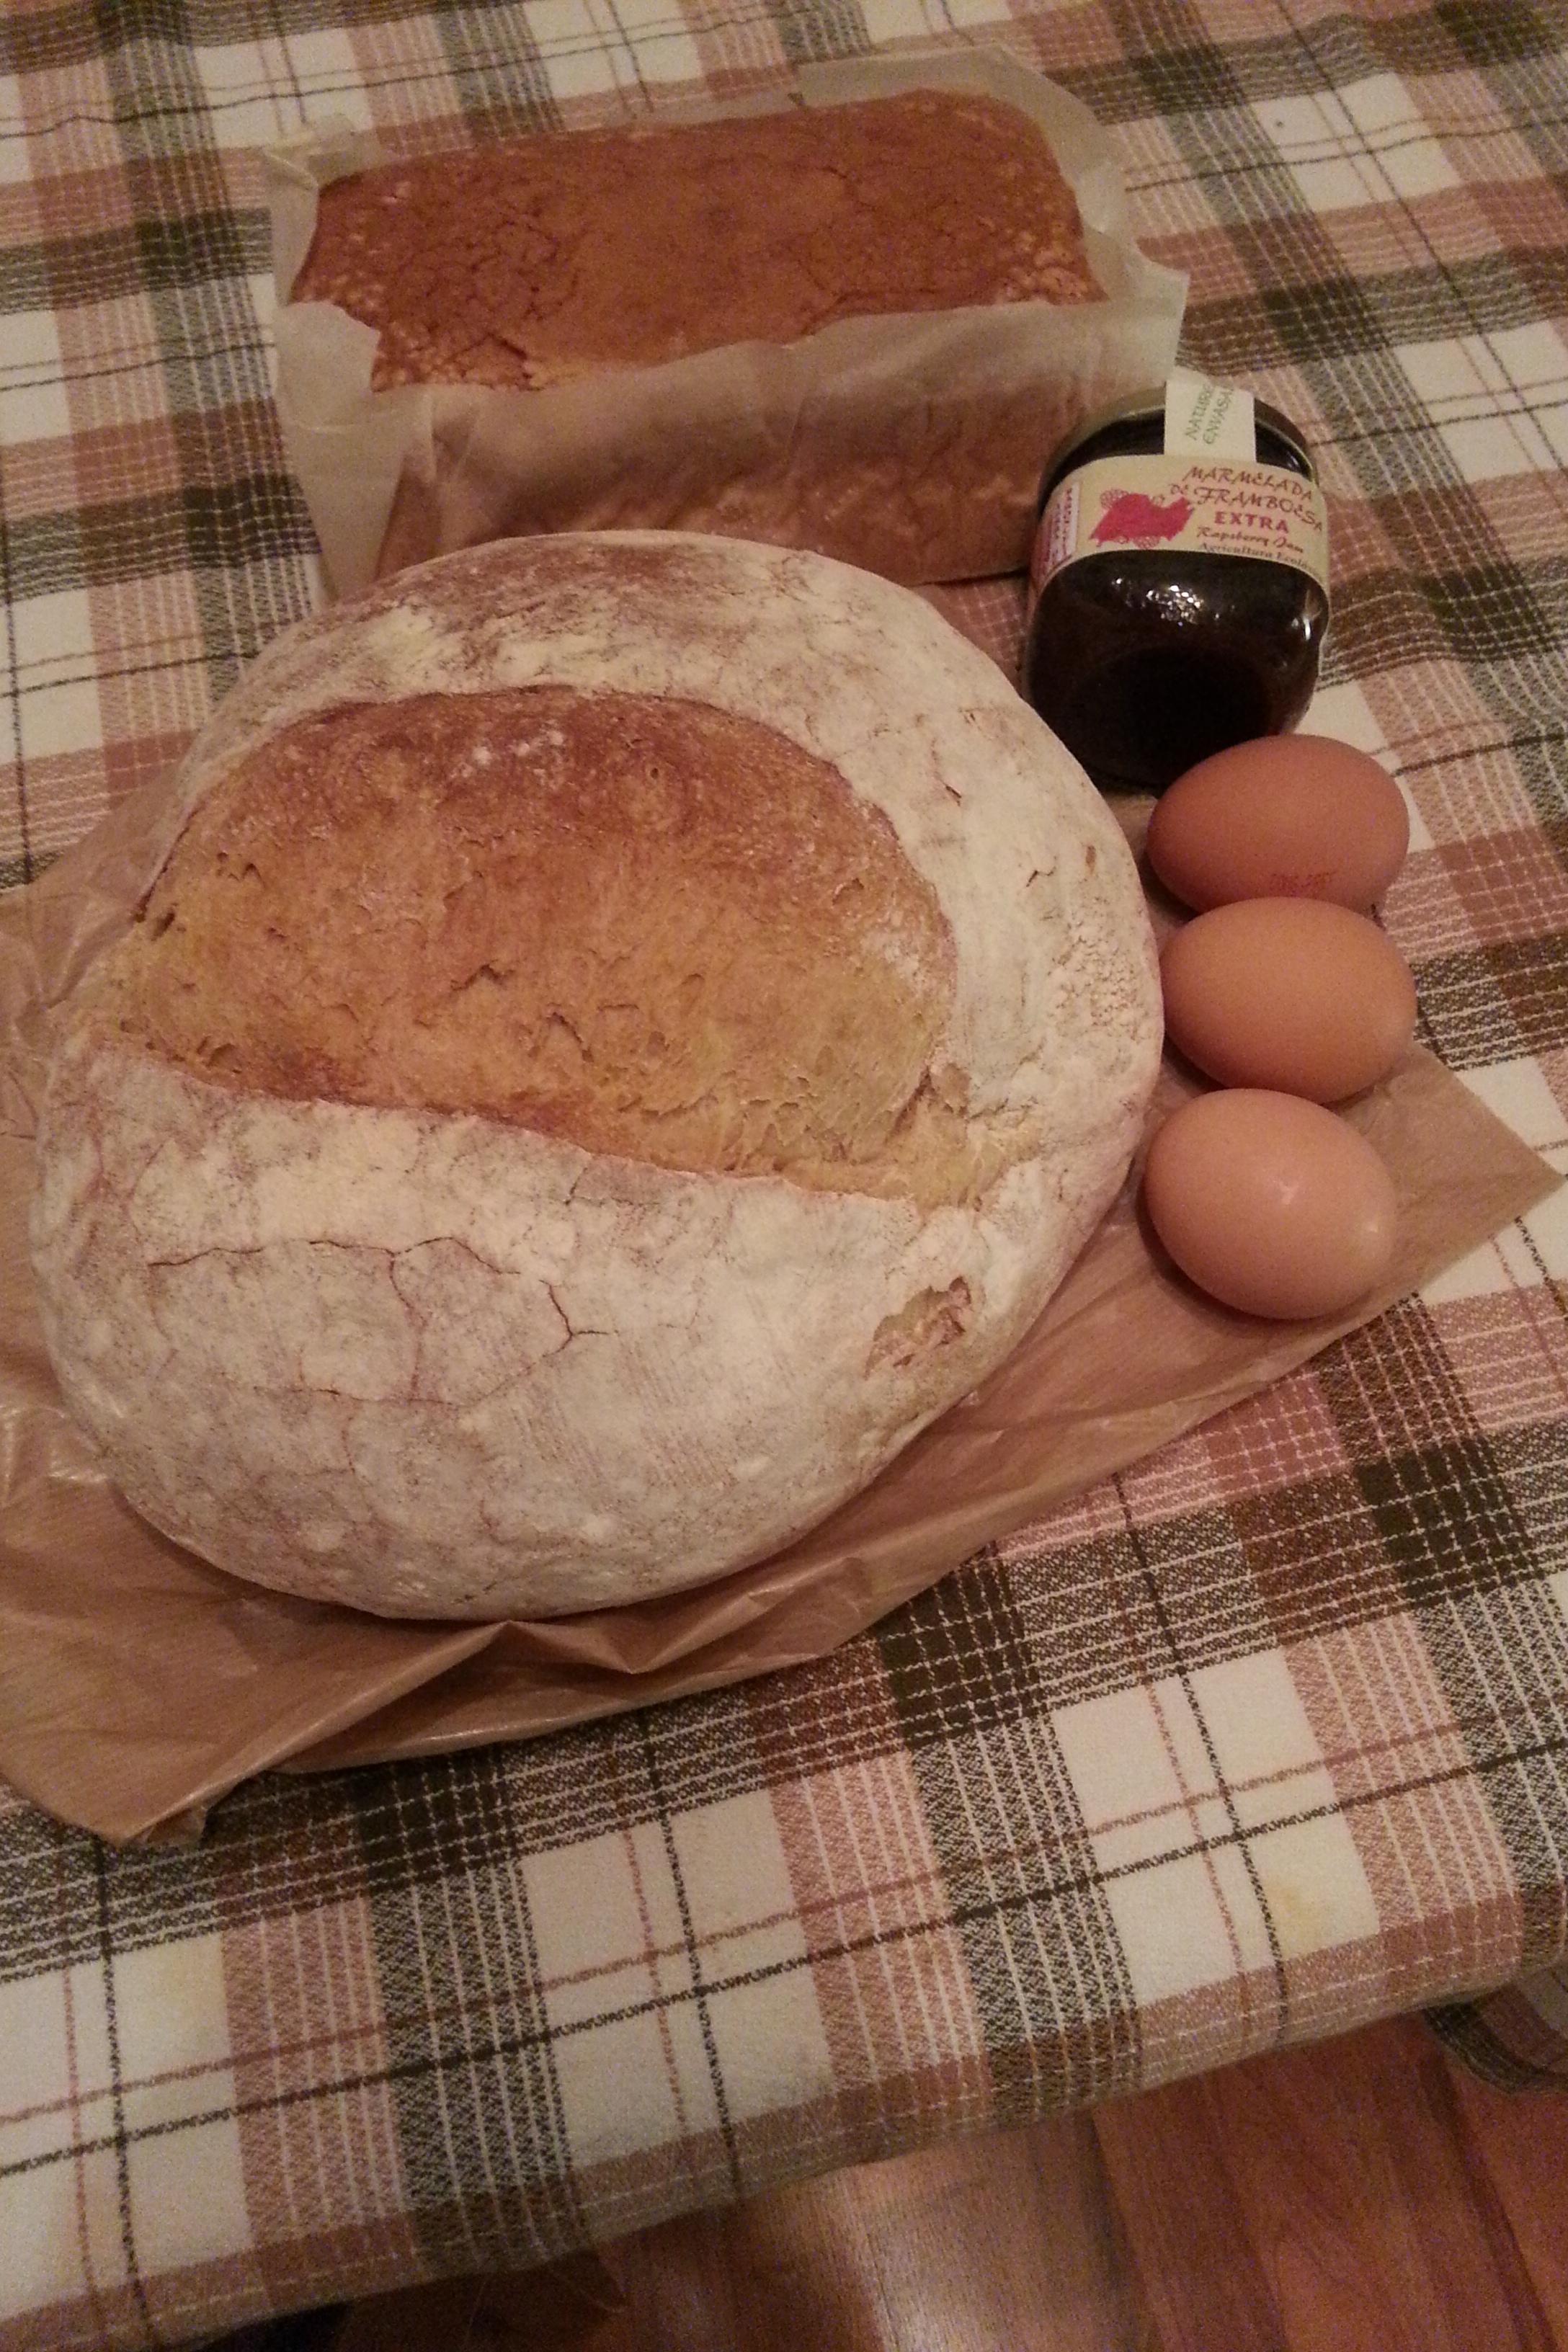 Lo que se vino conmigo a casa: pan, huevos, mermelada y bica